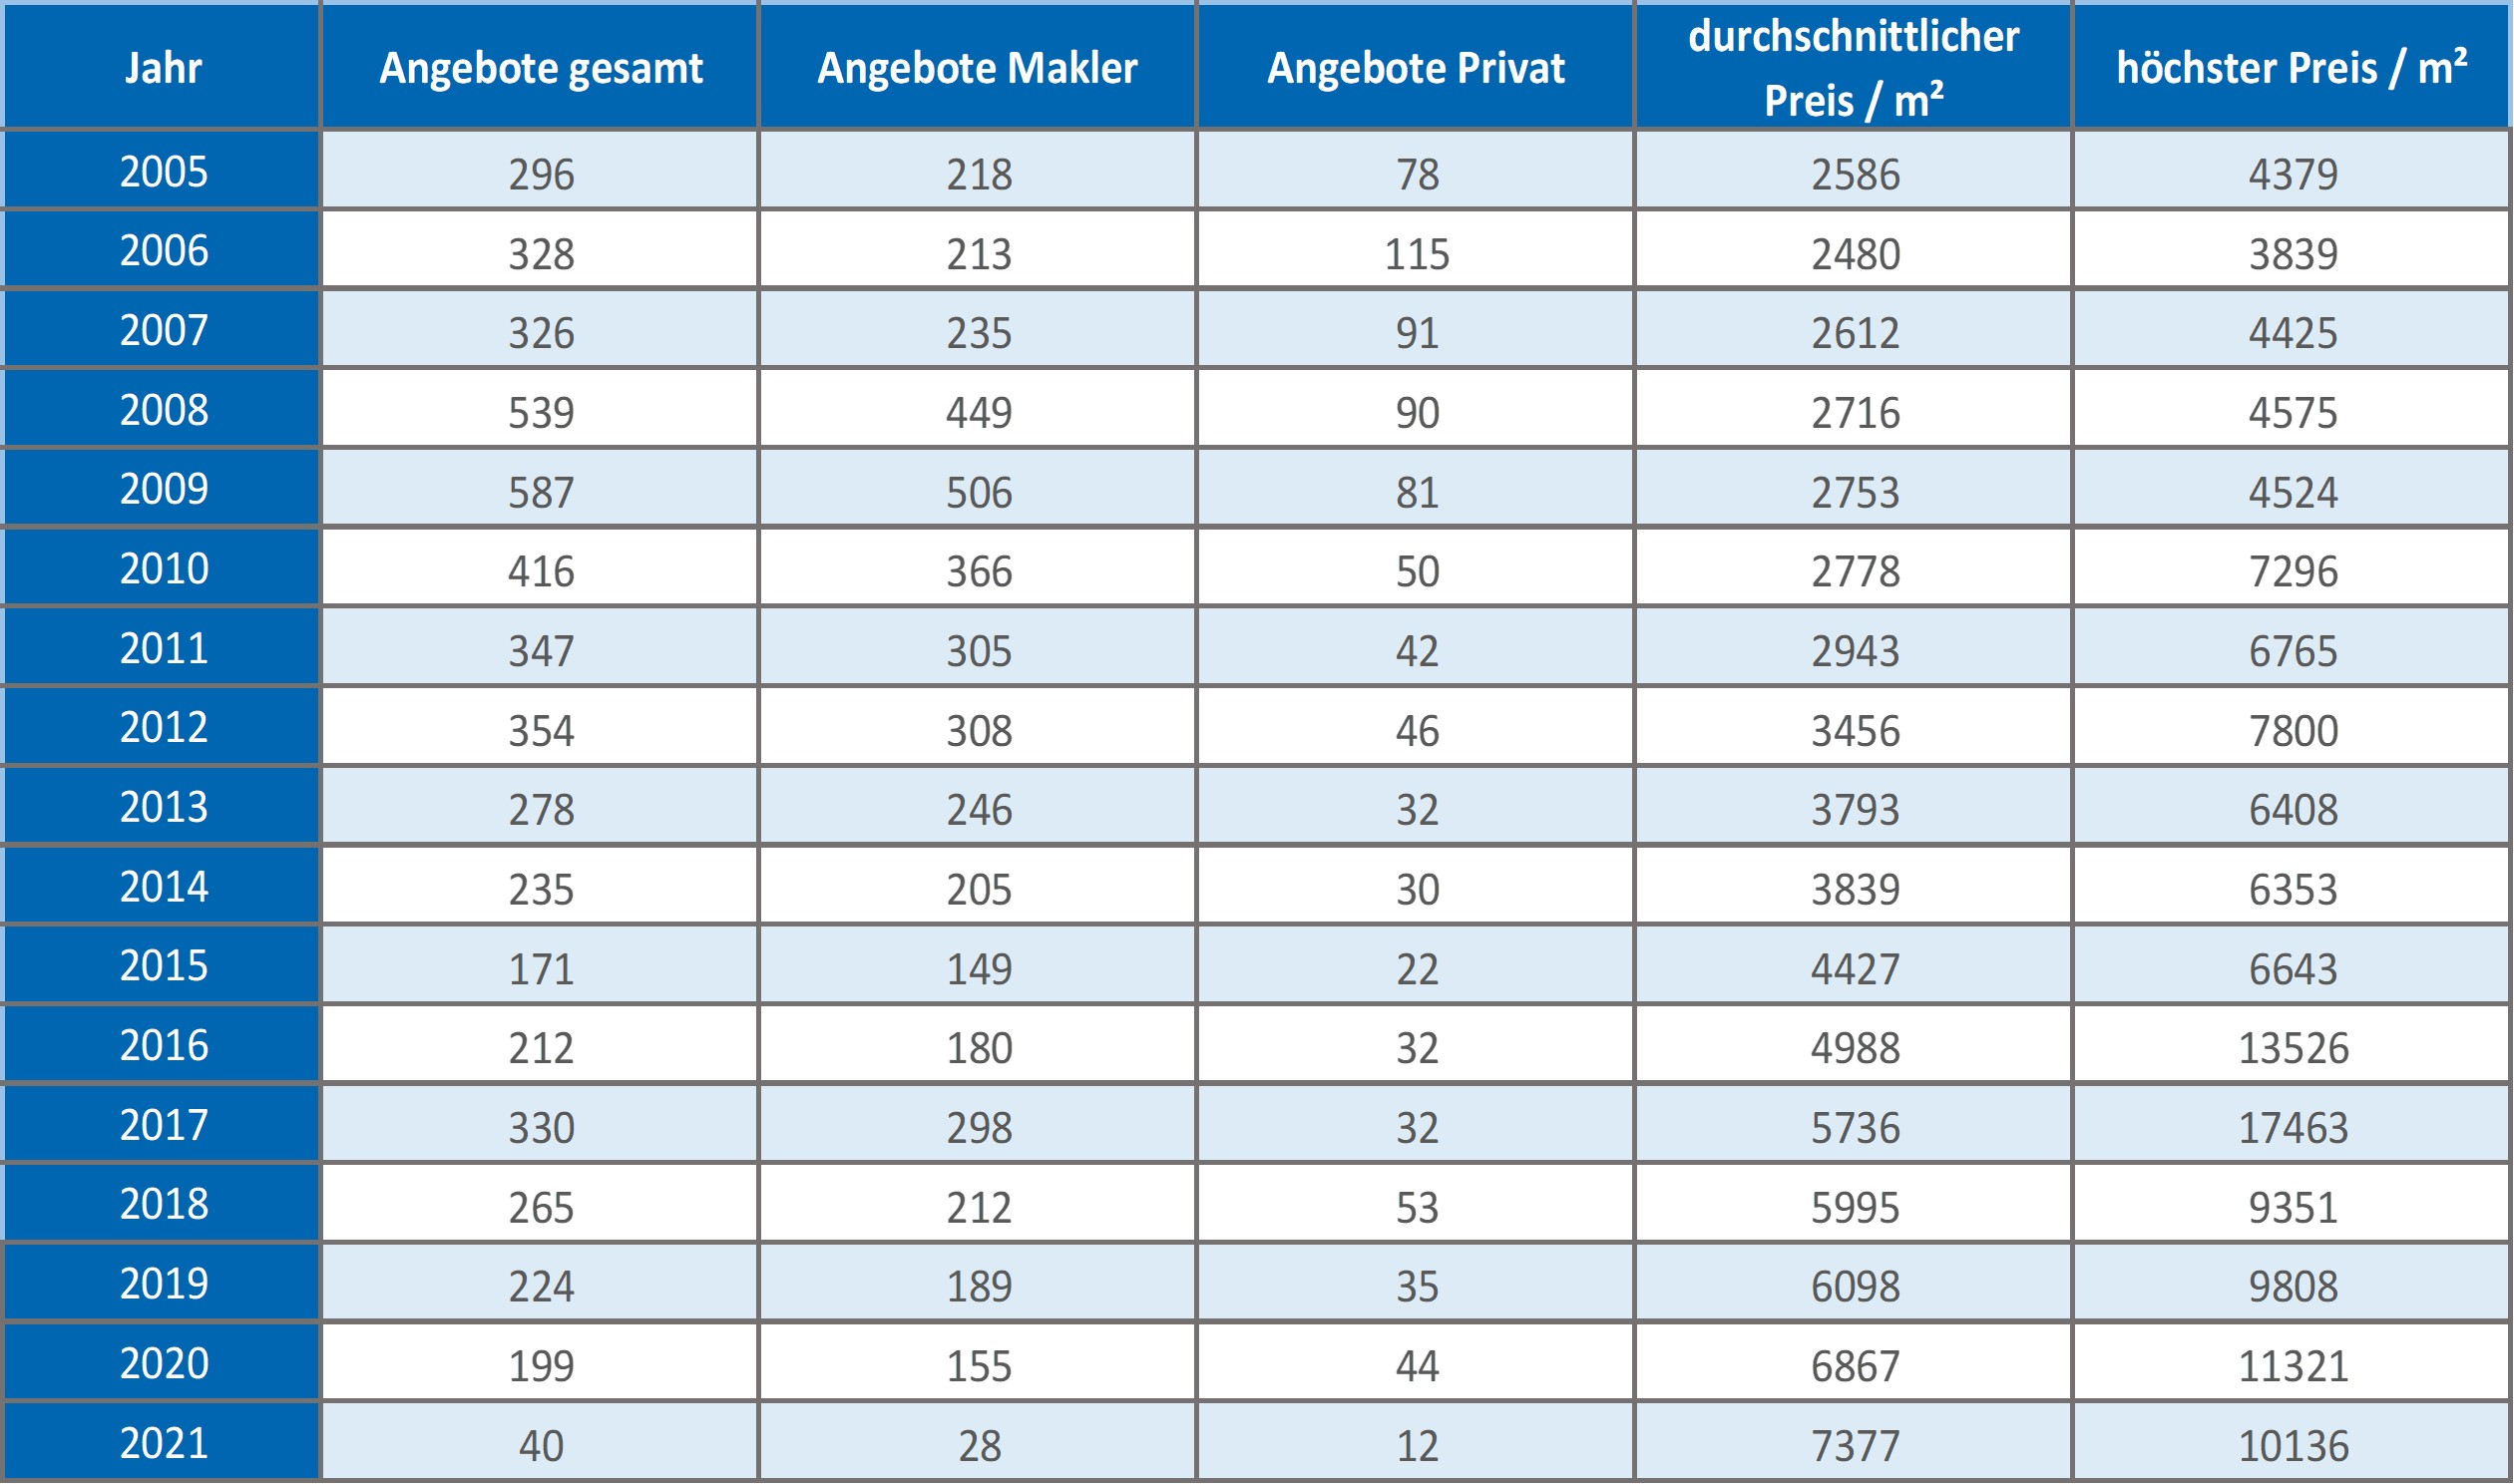 Unterhaching-Wohnung-kaufen-verkaufen-Makler 2019 2020 2021